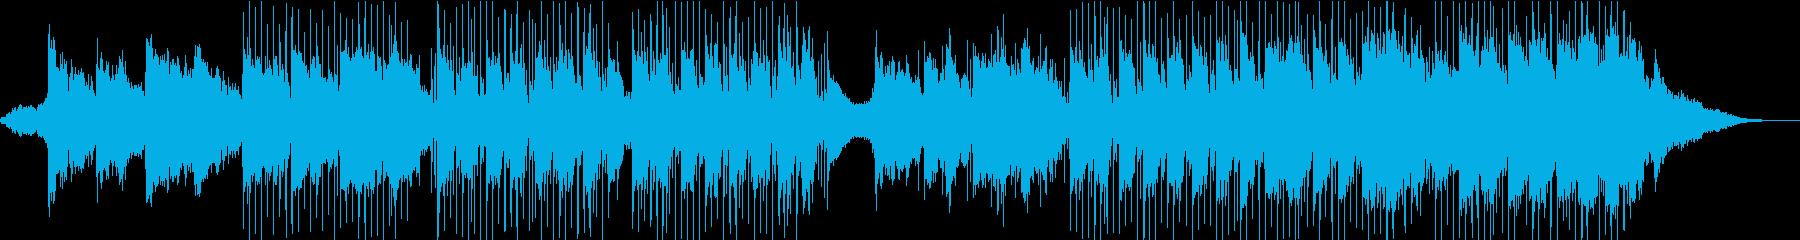 オリエンタルなリラックスBGMの再生済みの波形